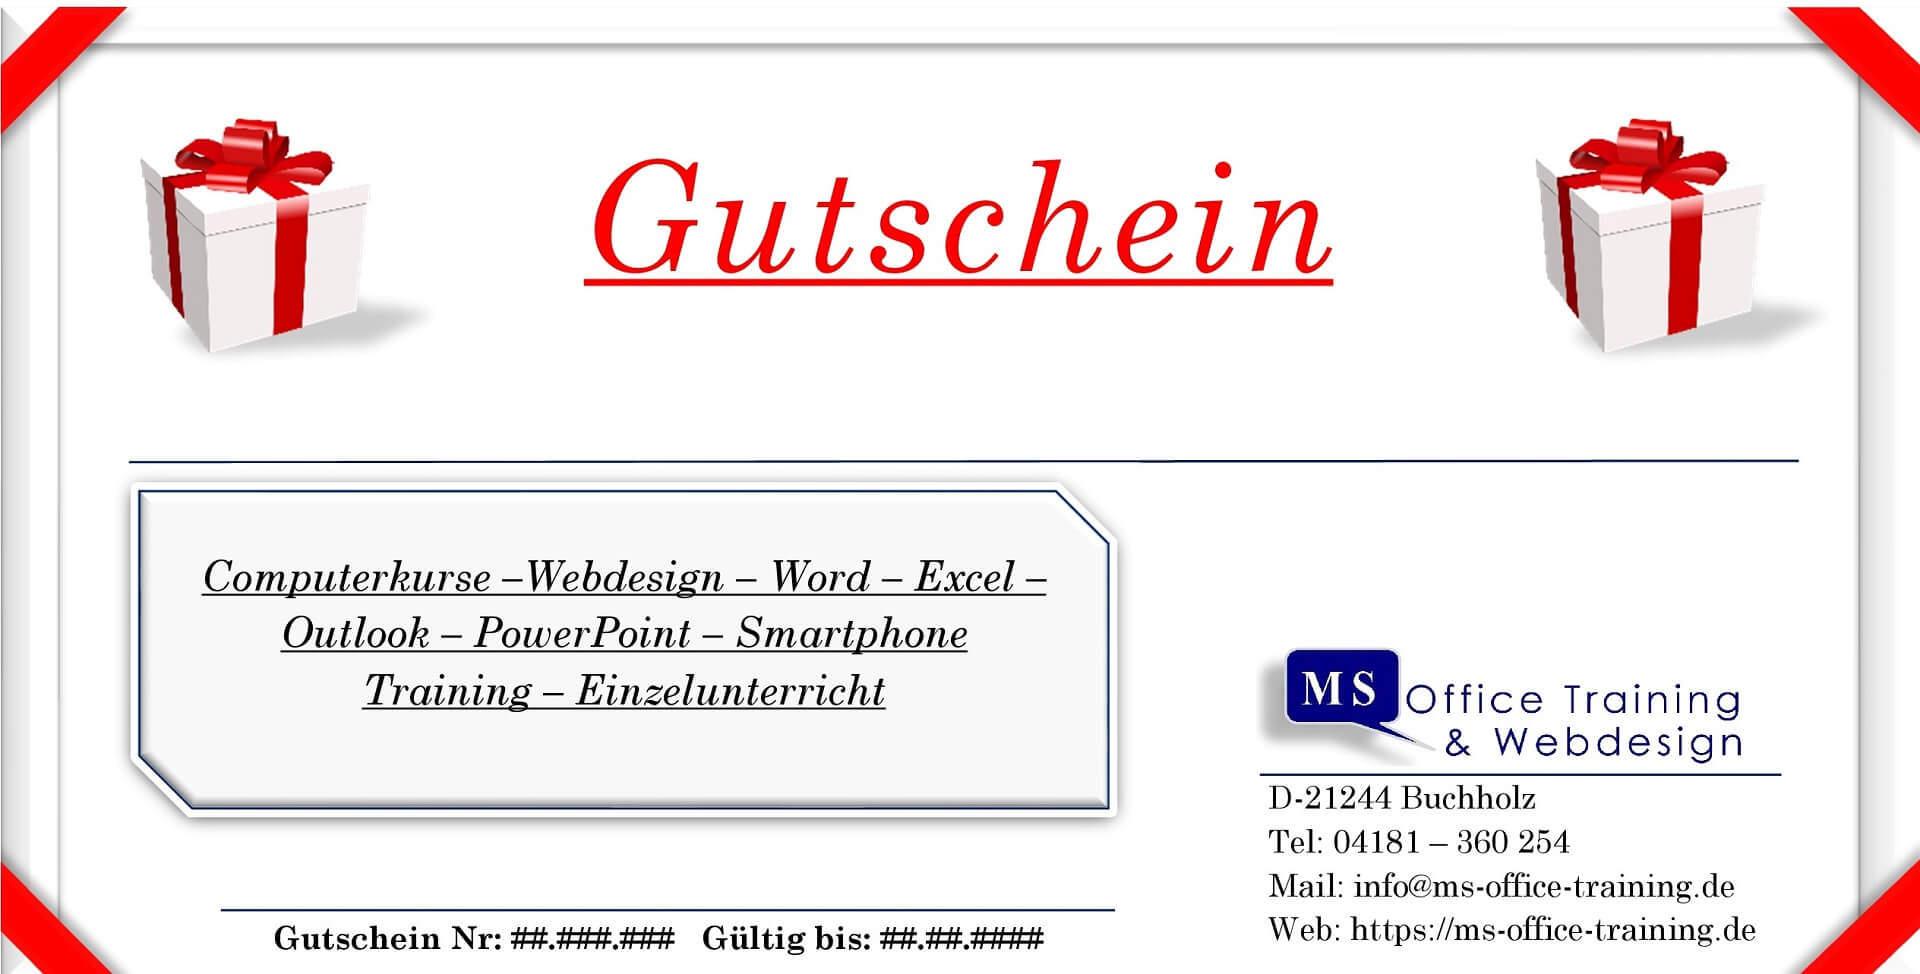 Beste Trainer Bewertungsformular Vorlagen Fotos - Entry Level Resume ...